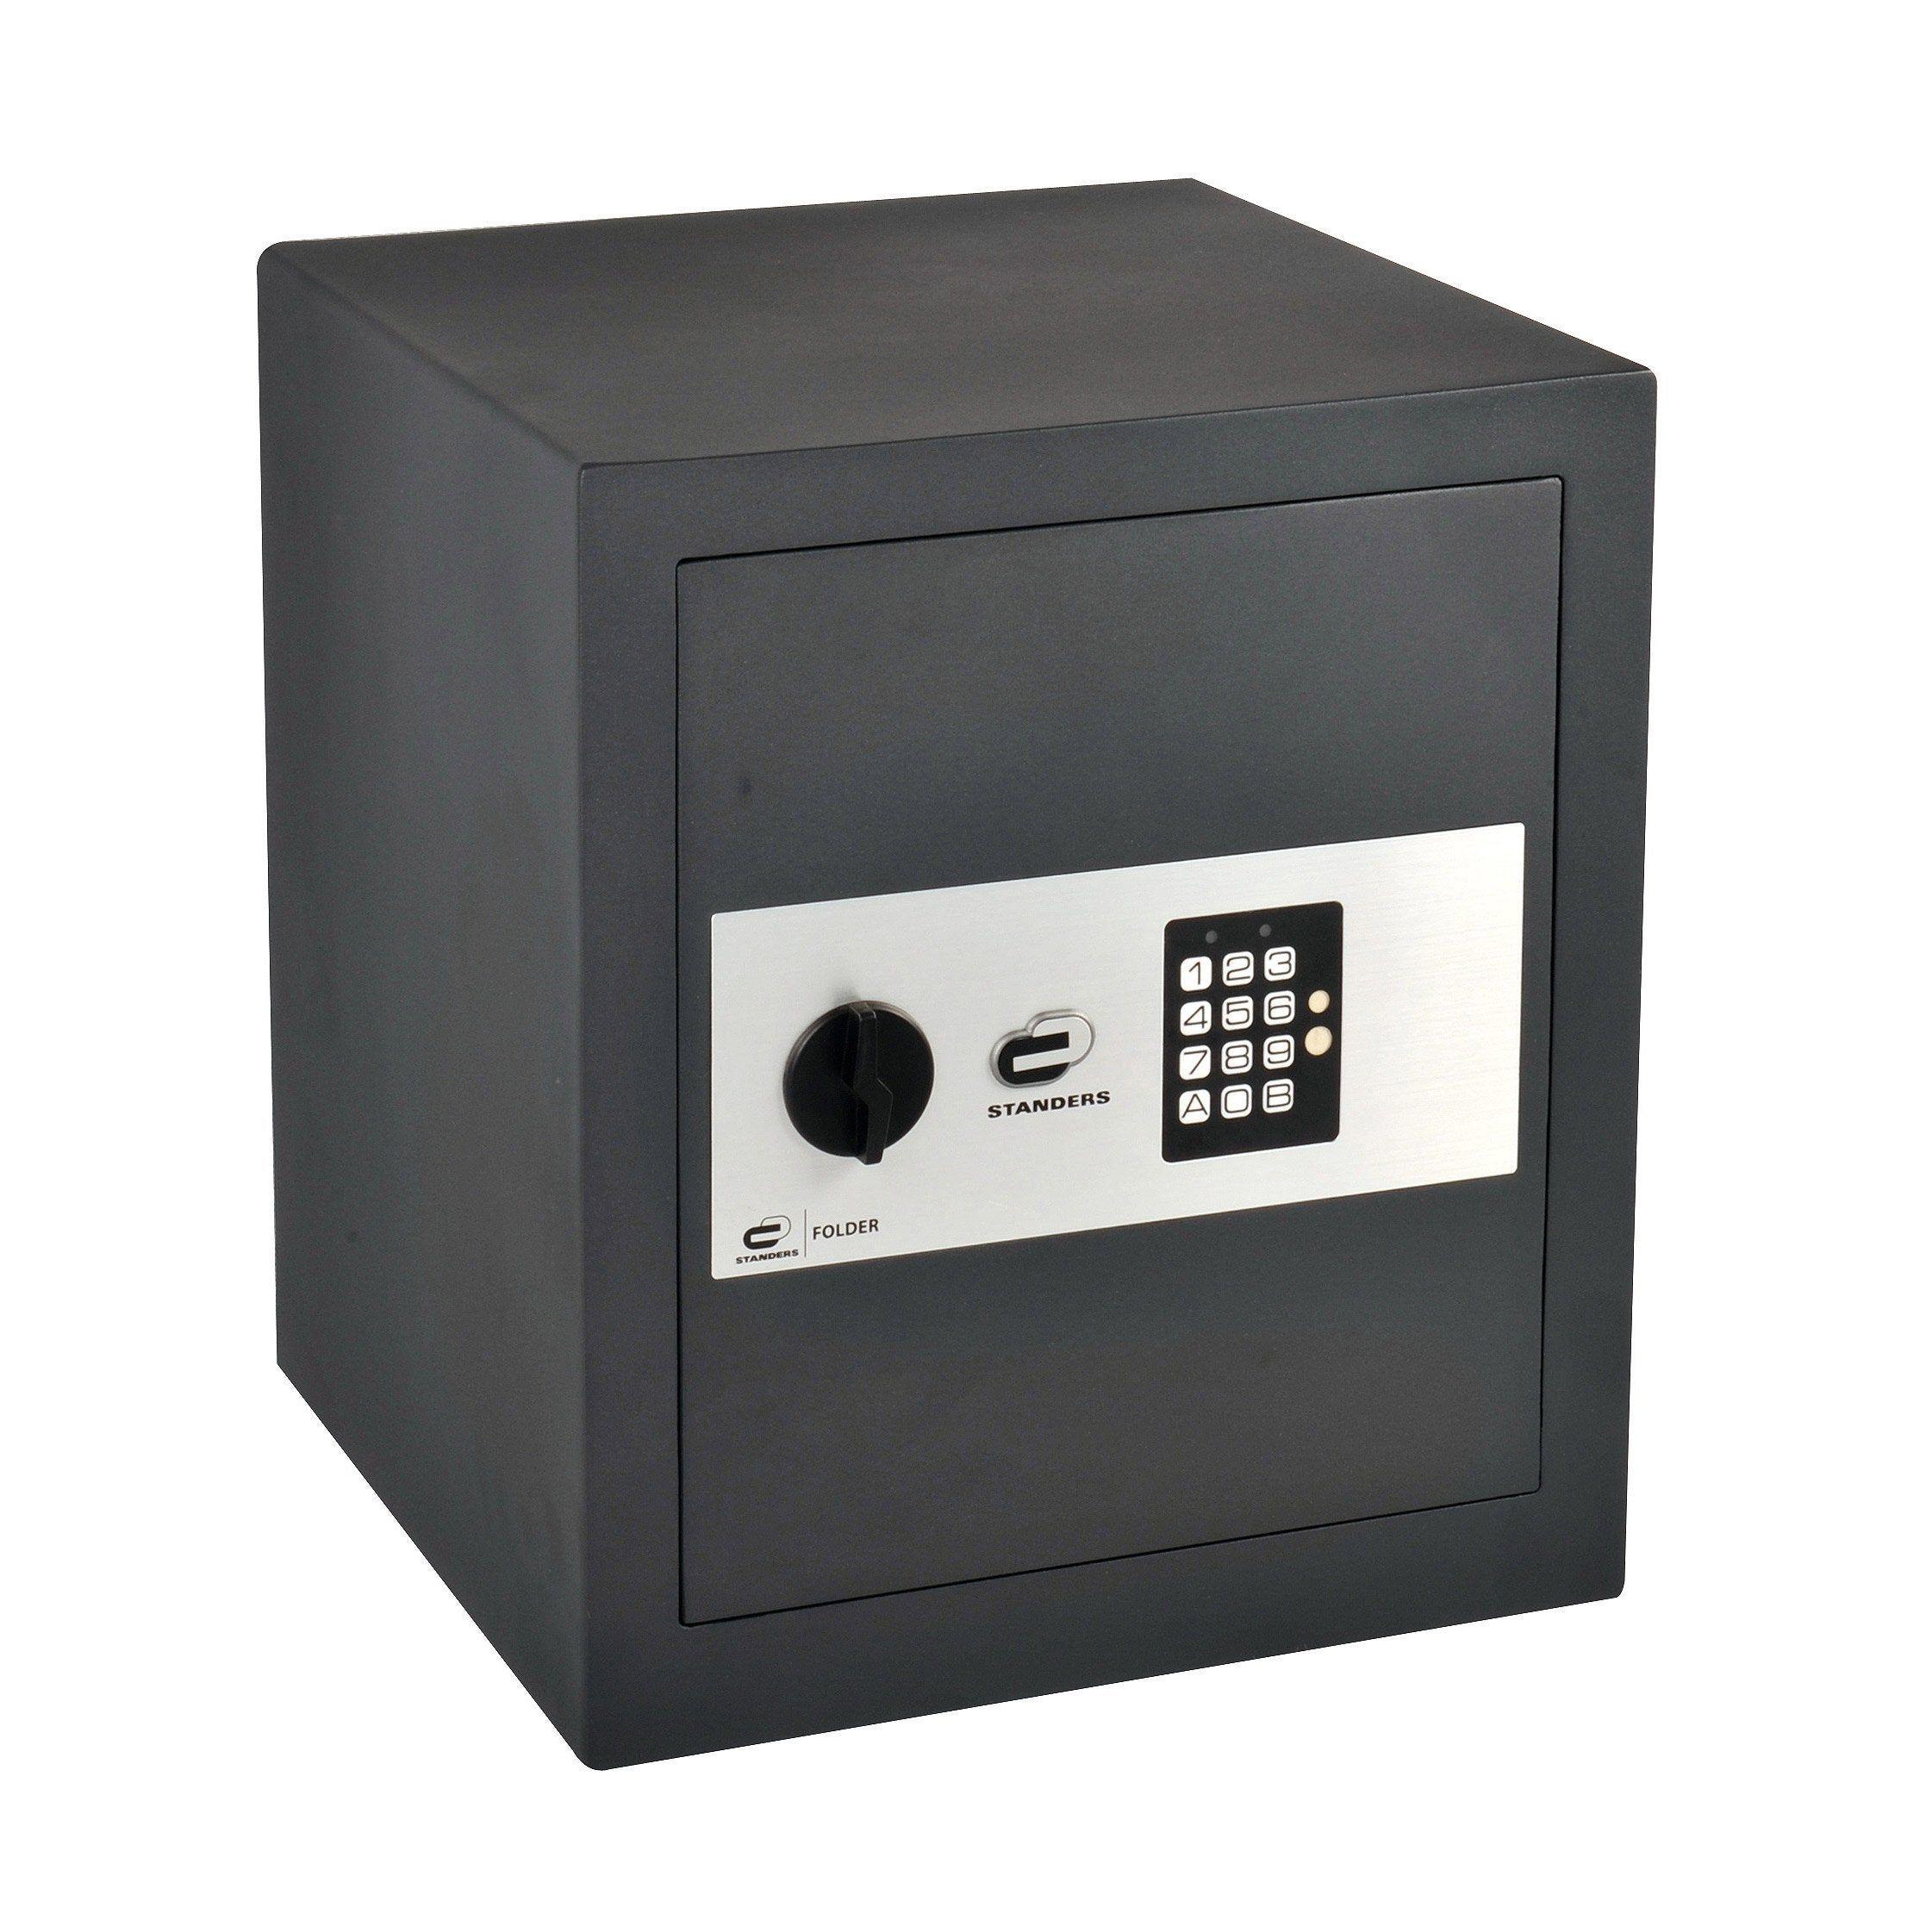 Coffre Fort A Code Standers Easy Large H 40 X L 35 X P 36 Cm En 2020 Coffre Fort Coffre Et Easy